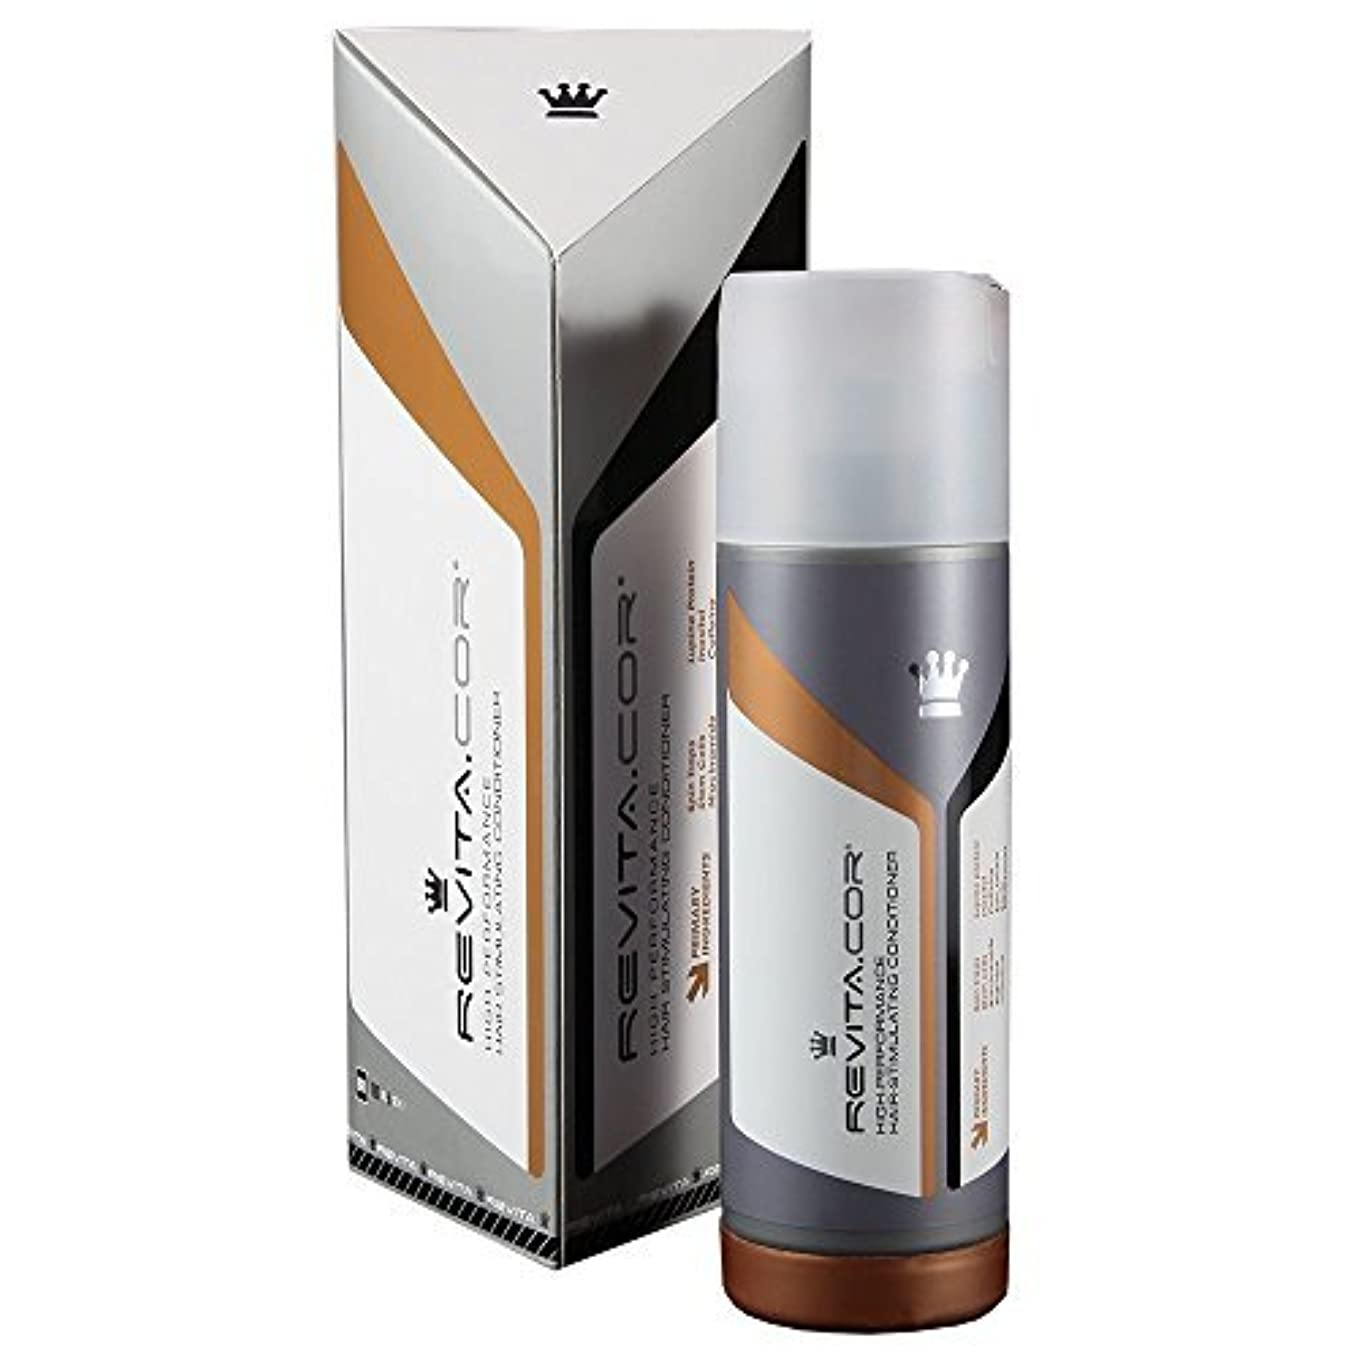 熟達したへこみキルトDS Laboratories Revita COR High Performance Hair Growth Stimulating Conditioner 190ml/6.4oz [並行輸入品]